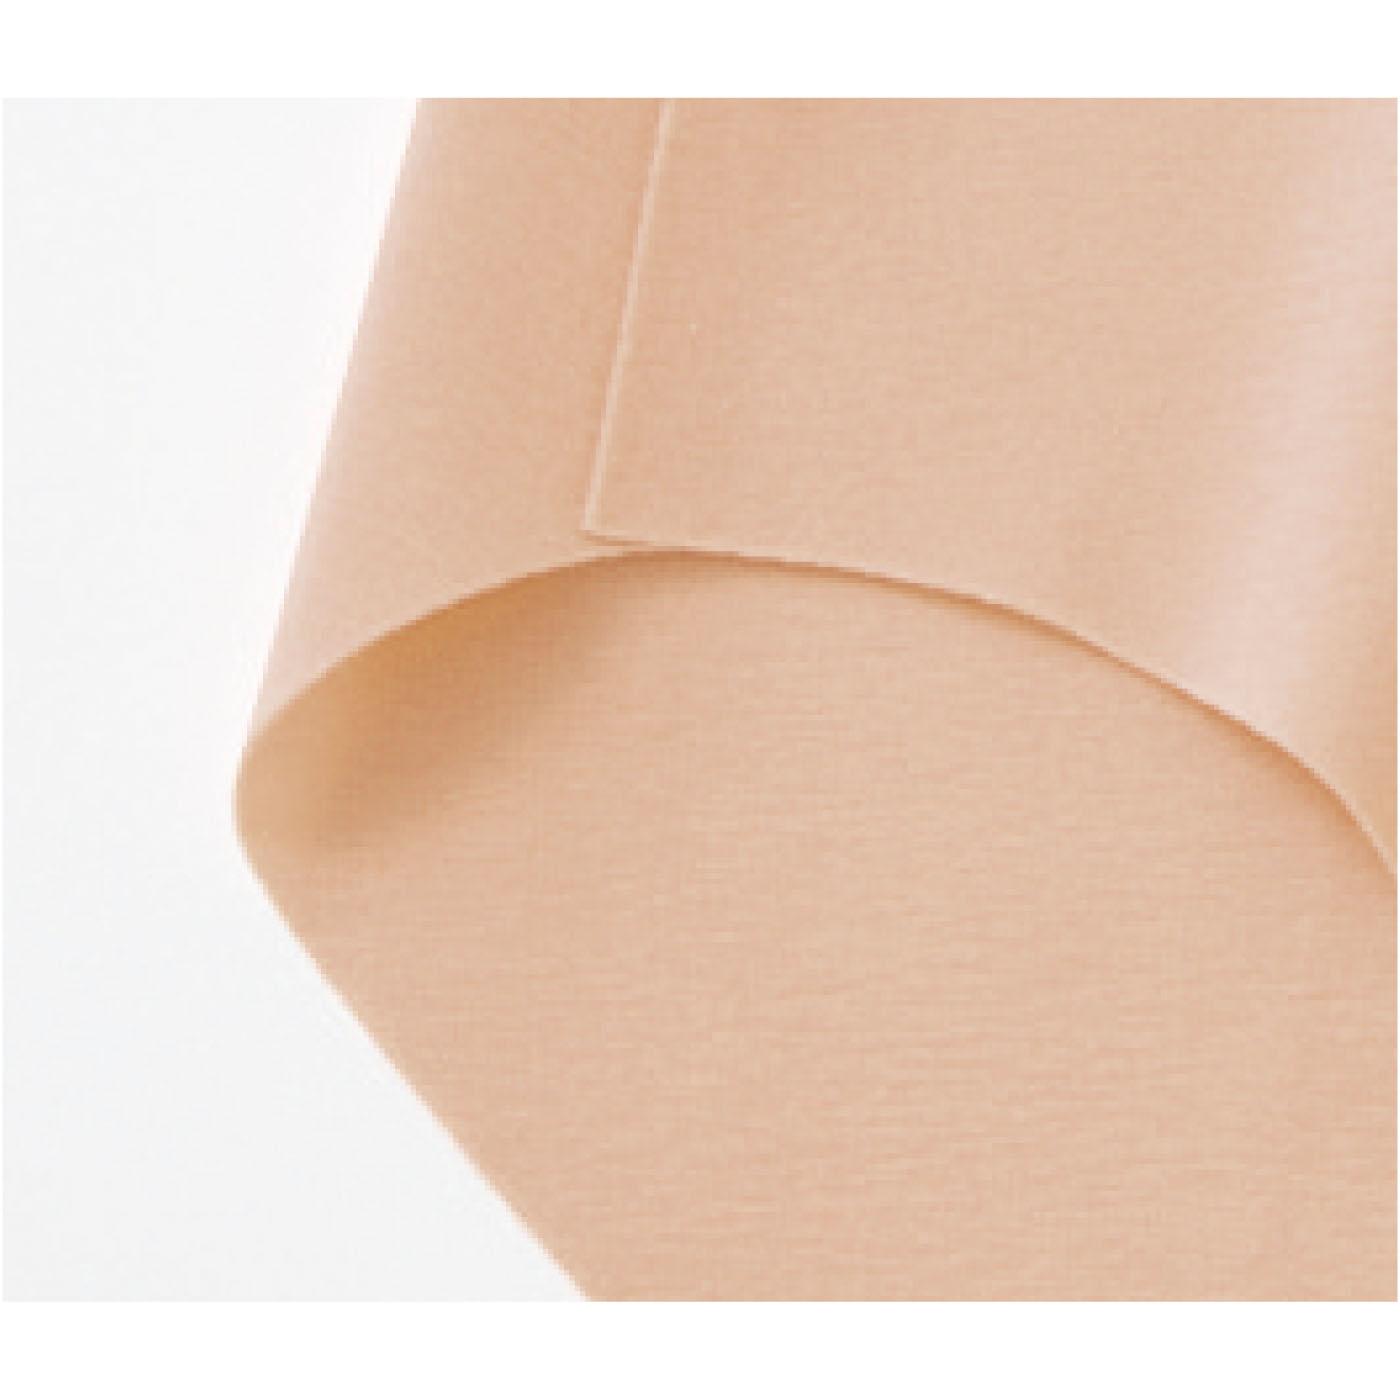 縫い目のない接着仕様(※完全無縫製(R))縫い目がないので肌への負担が少なく、ウエストや脚口などの段差もできにくい仕様です。※完全無縫製(R)はグンゼ株式会社の登録商標です。